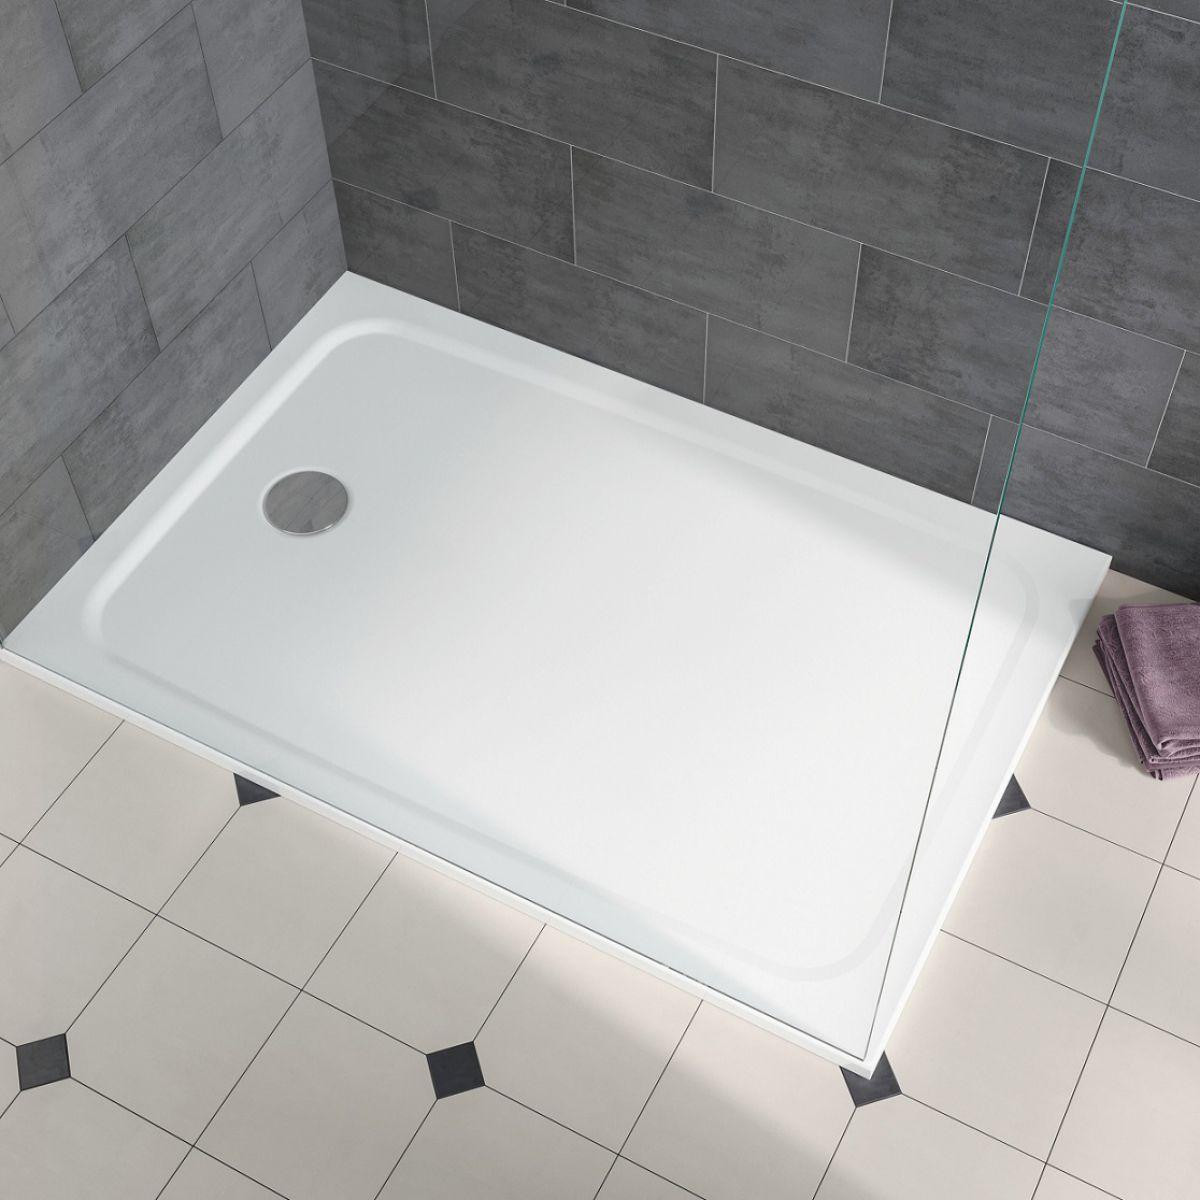 Kaldewei Cayonoplan Rectangular Shower Tray : UK Bathrooms